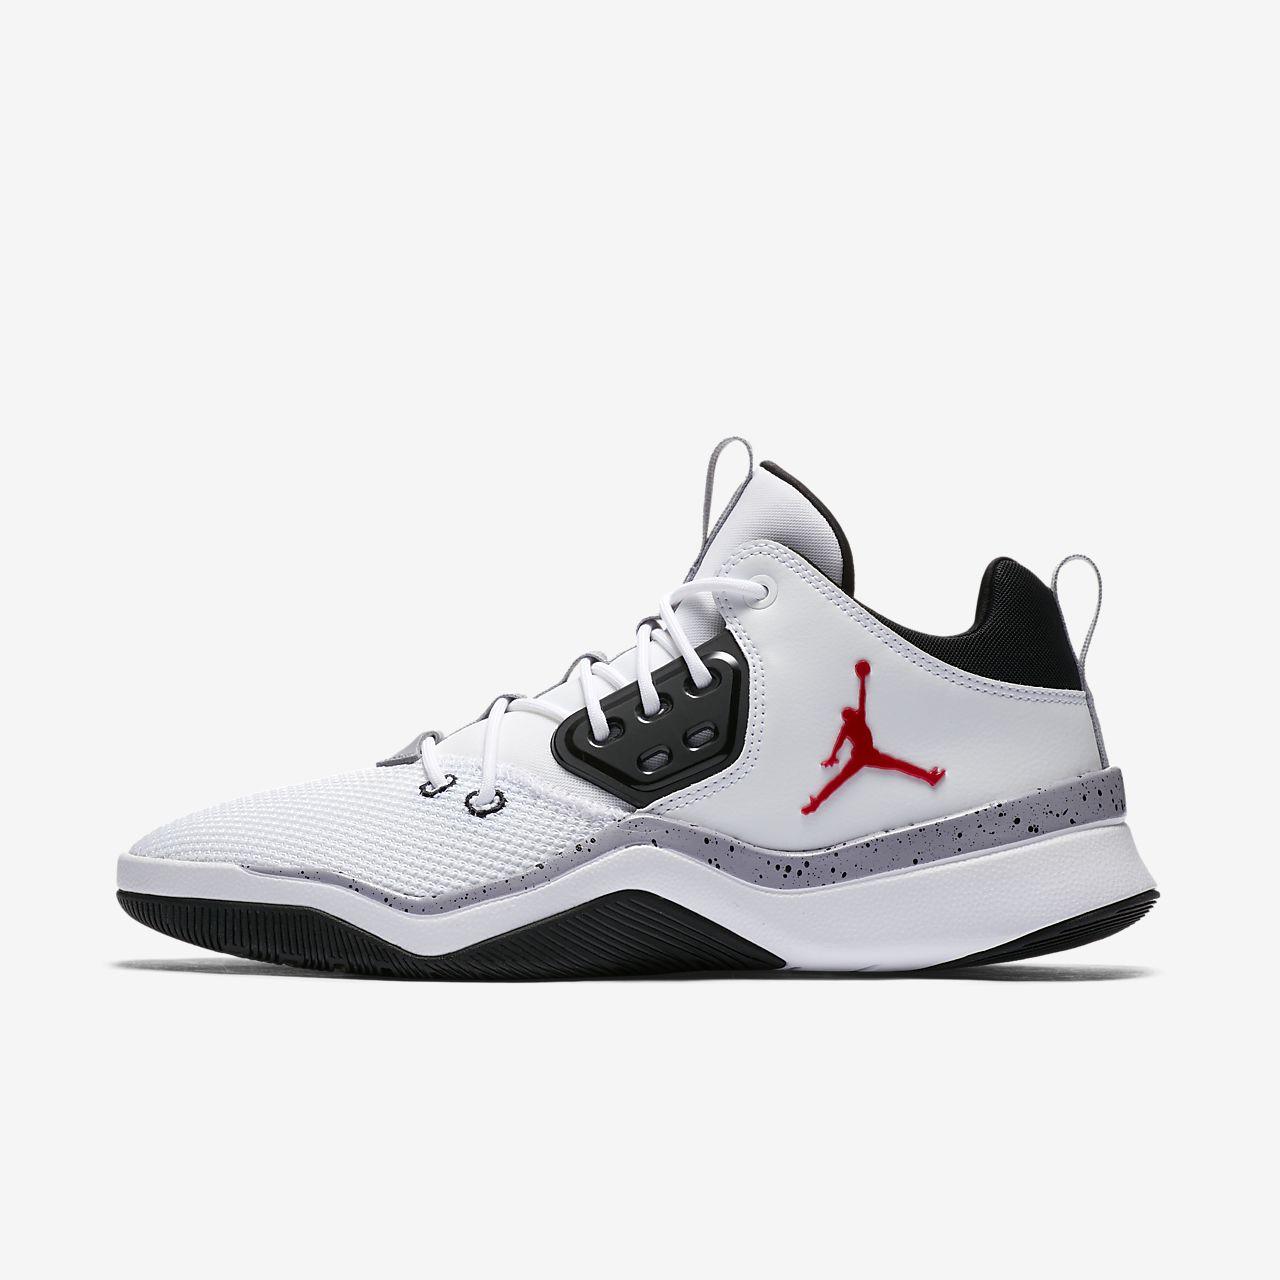 online retailer 63a56 cd70a ... Jordan DNA Zapatillas - Hombre